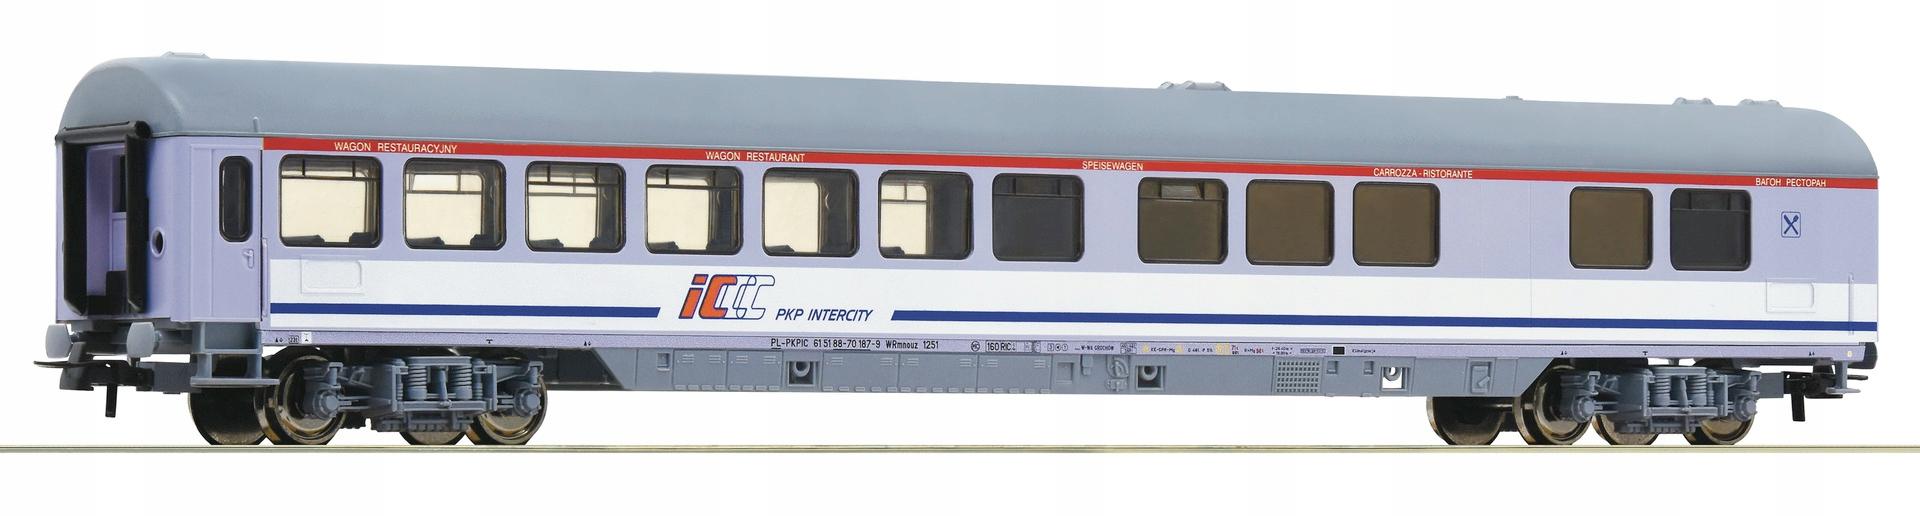 ROCO 54174 wagon restauracyjny PKP InterCity WARS